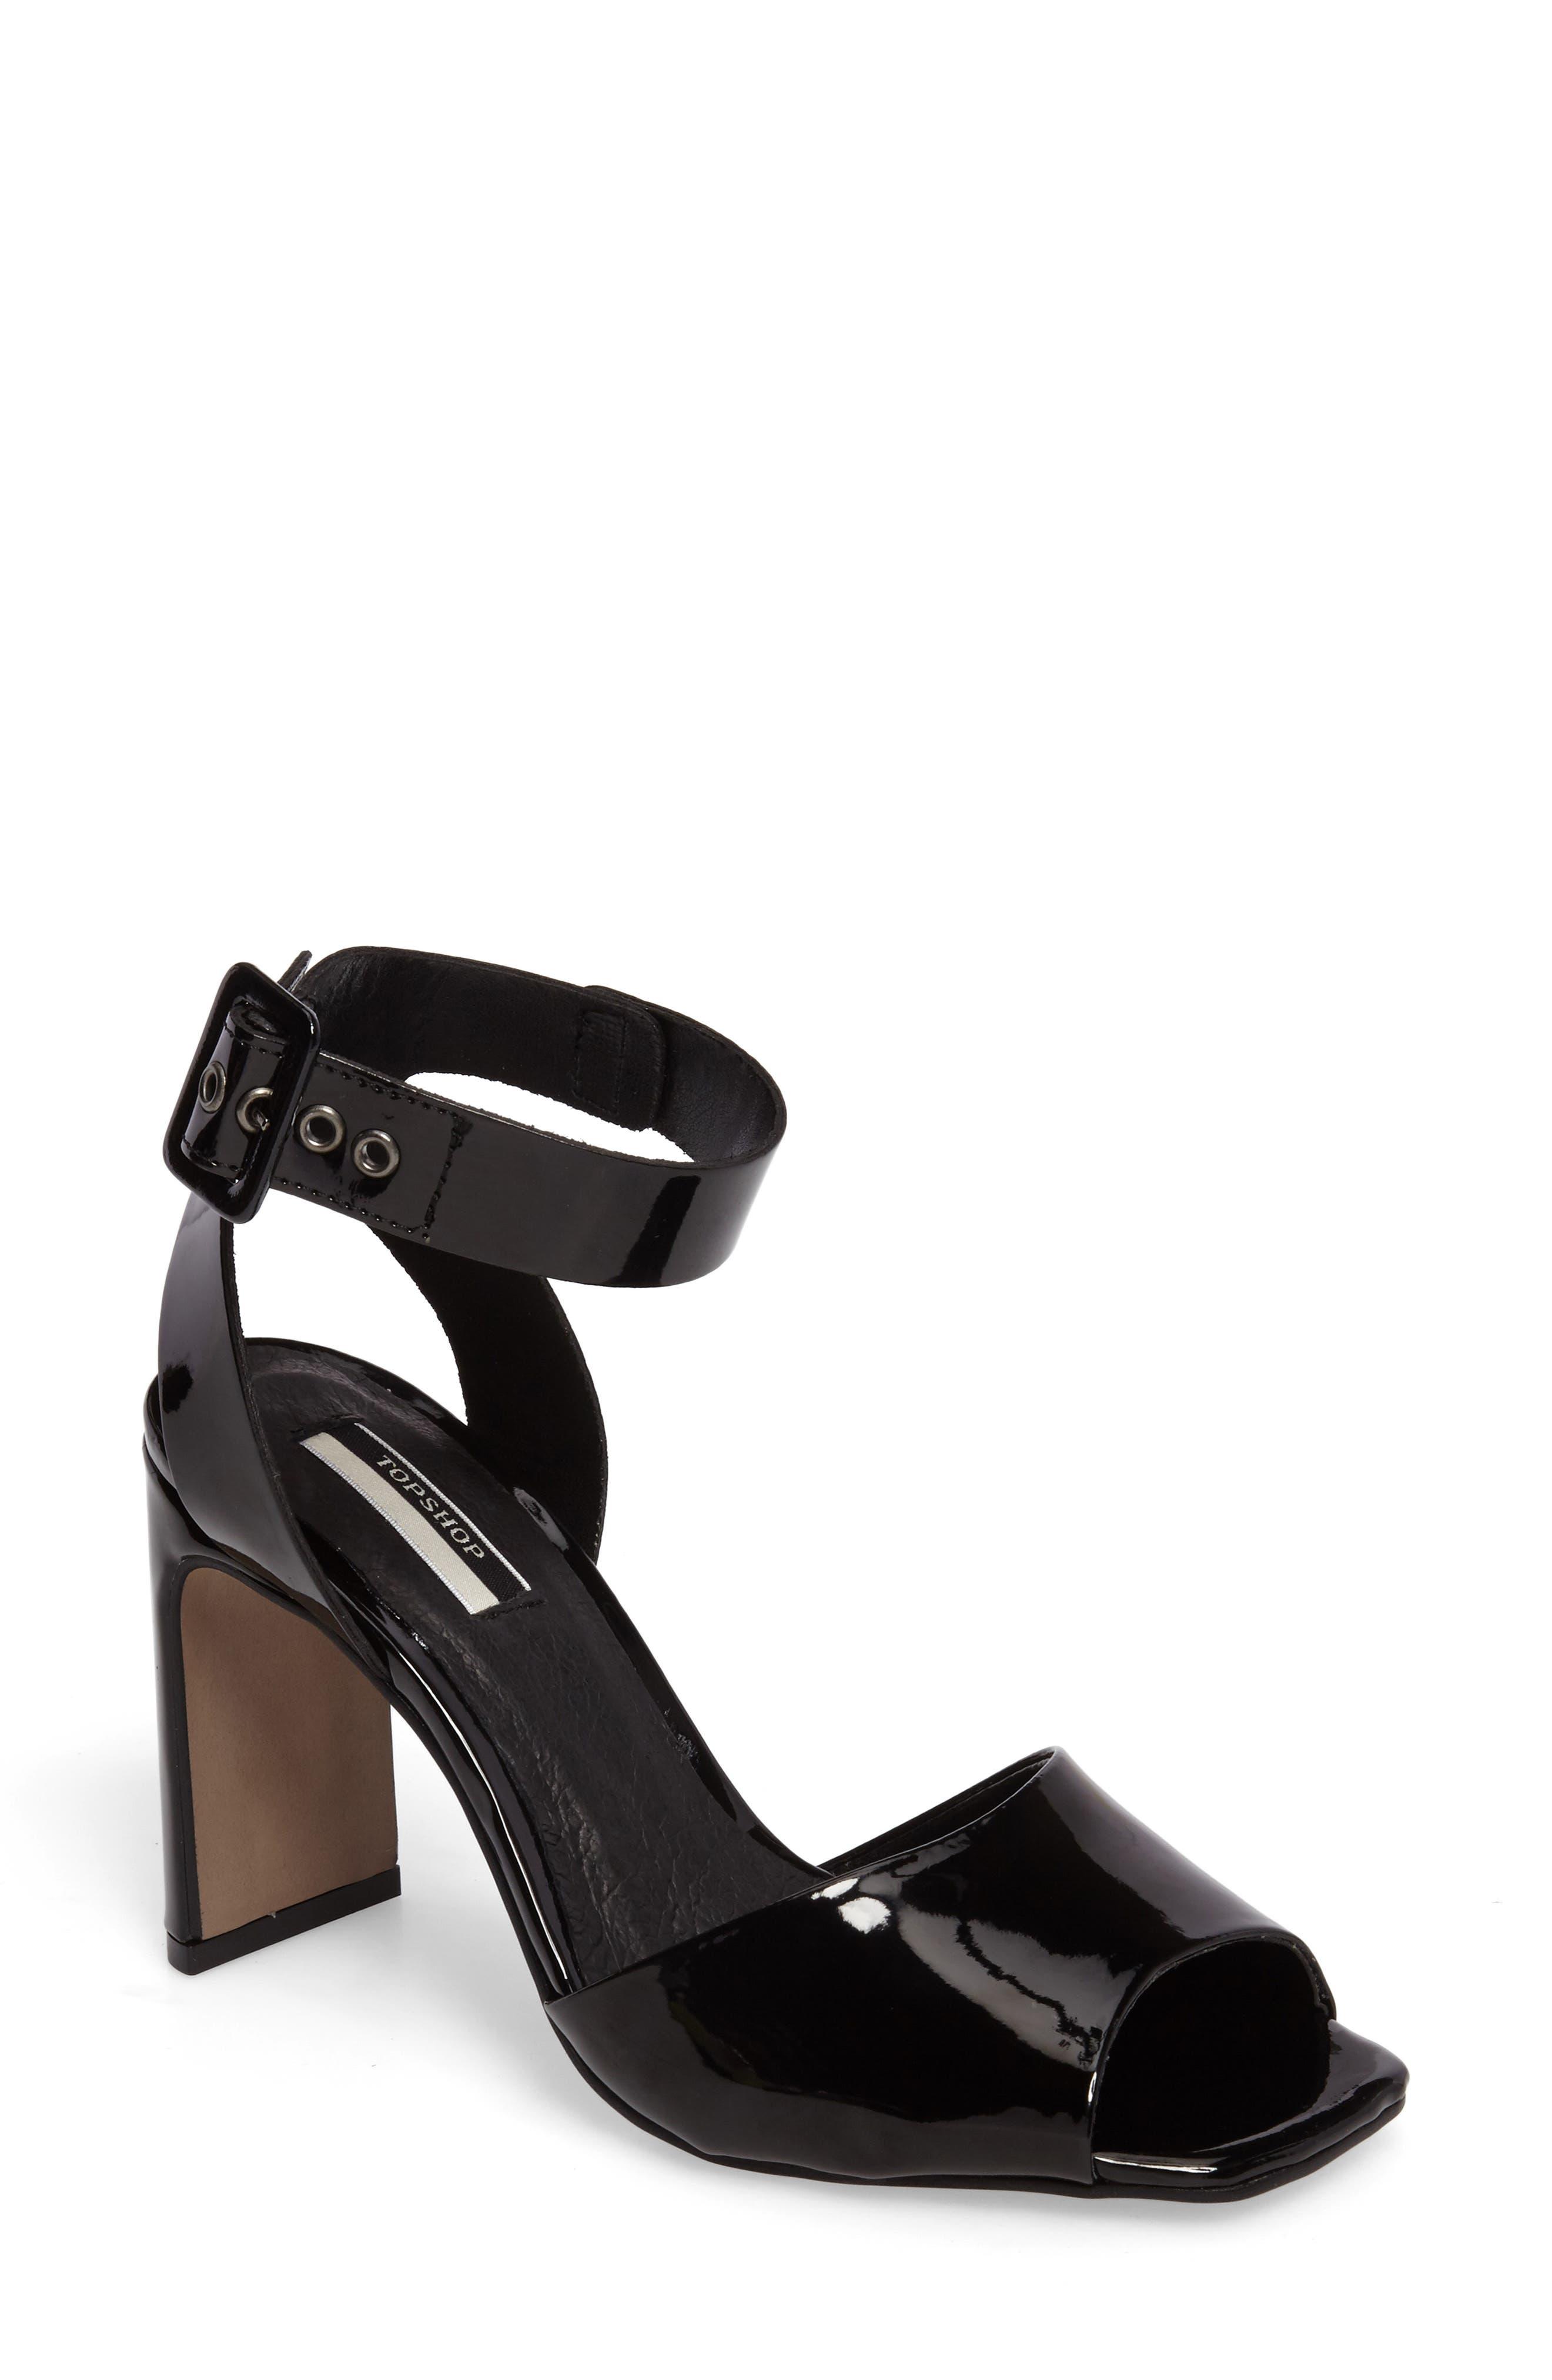 Roux Square Toe Sandal,                             Main thumbnail 1, color,                             Black